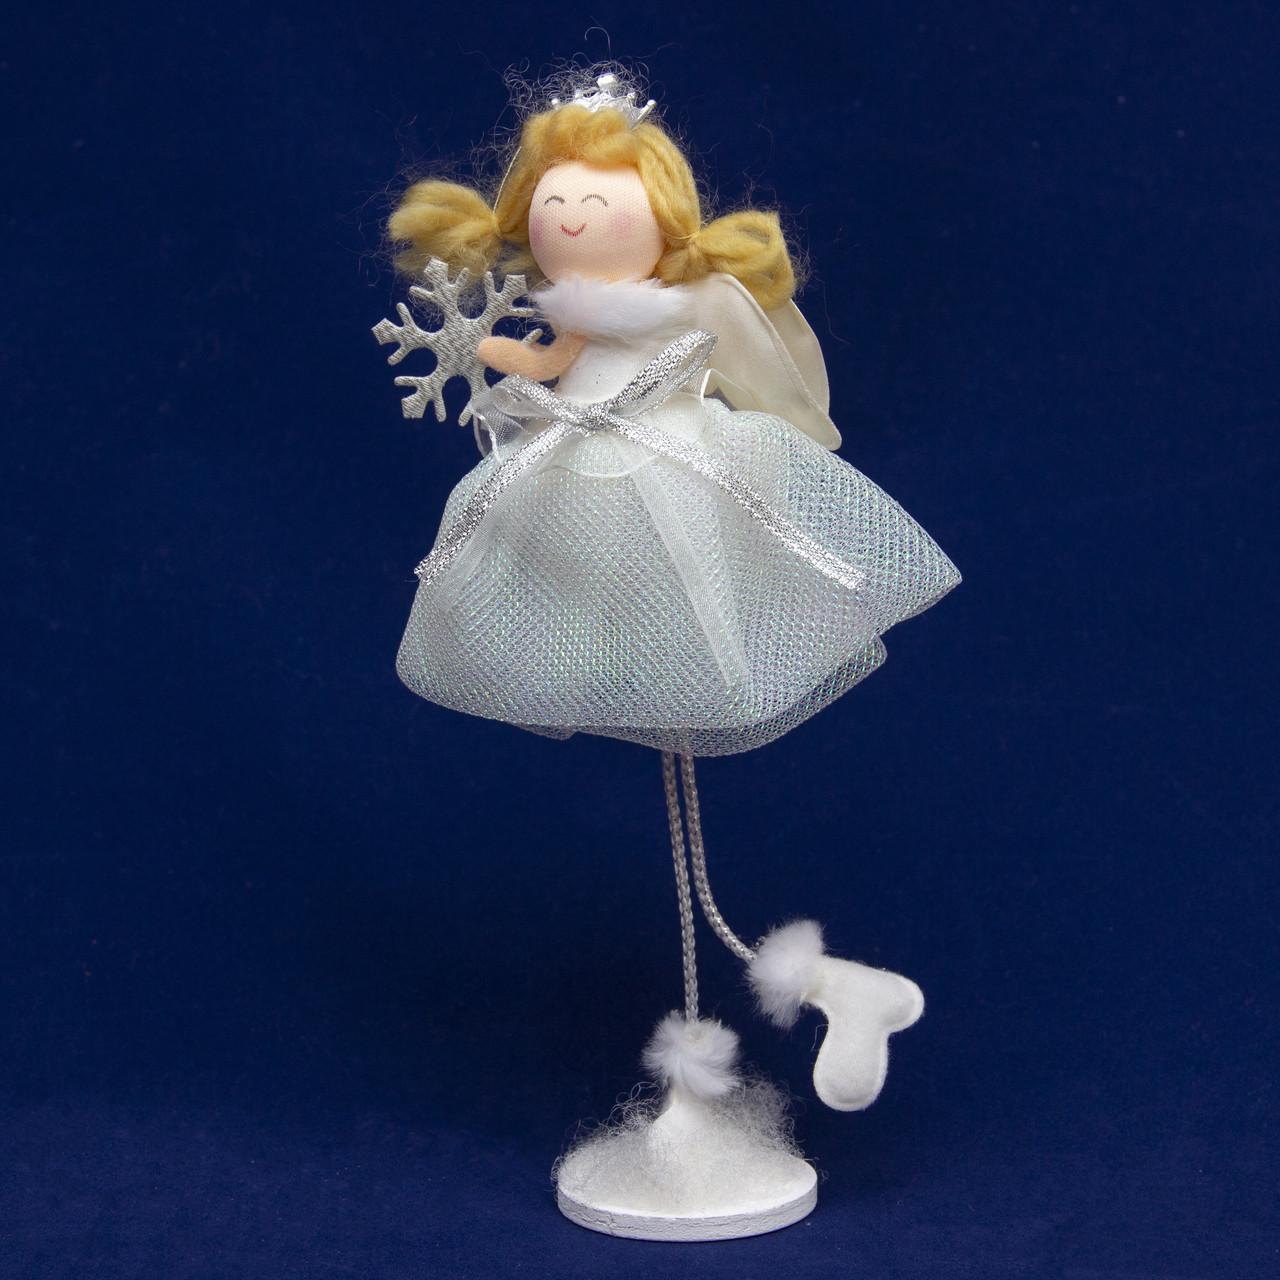 Декорация - ангелочек со снежинкой на подставке, 24 см (220327-3)